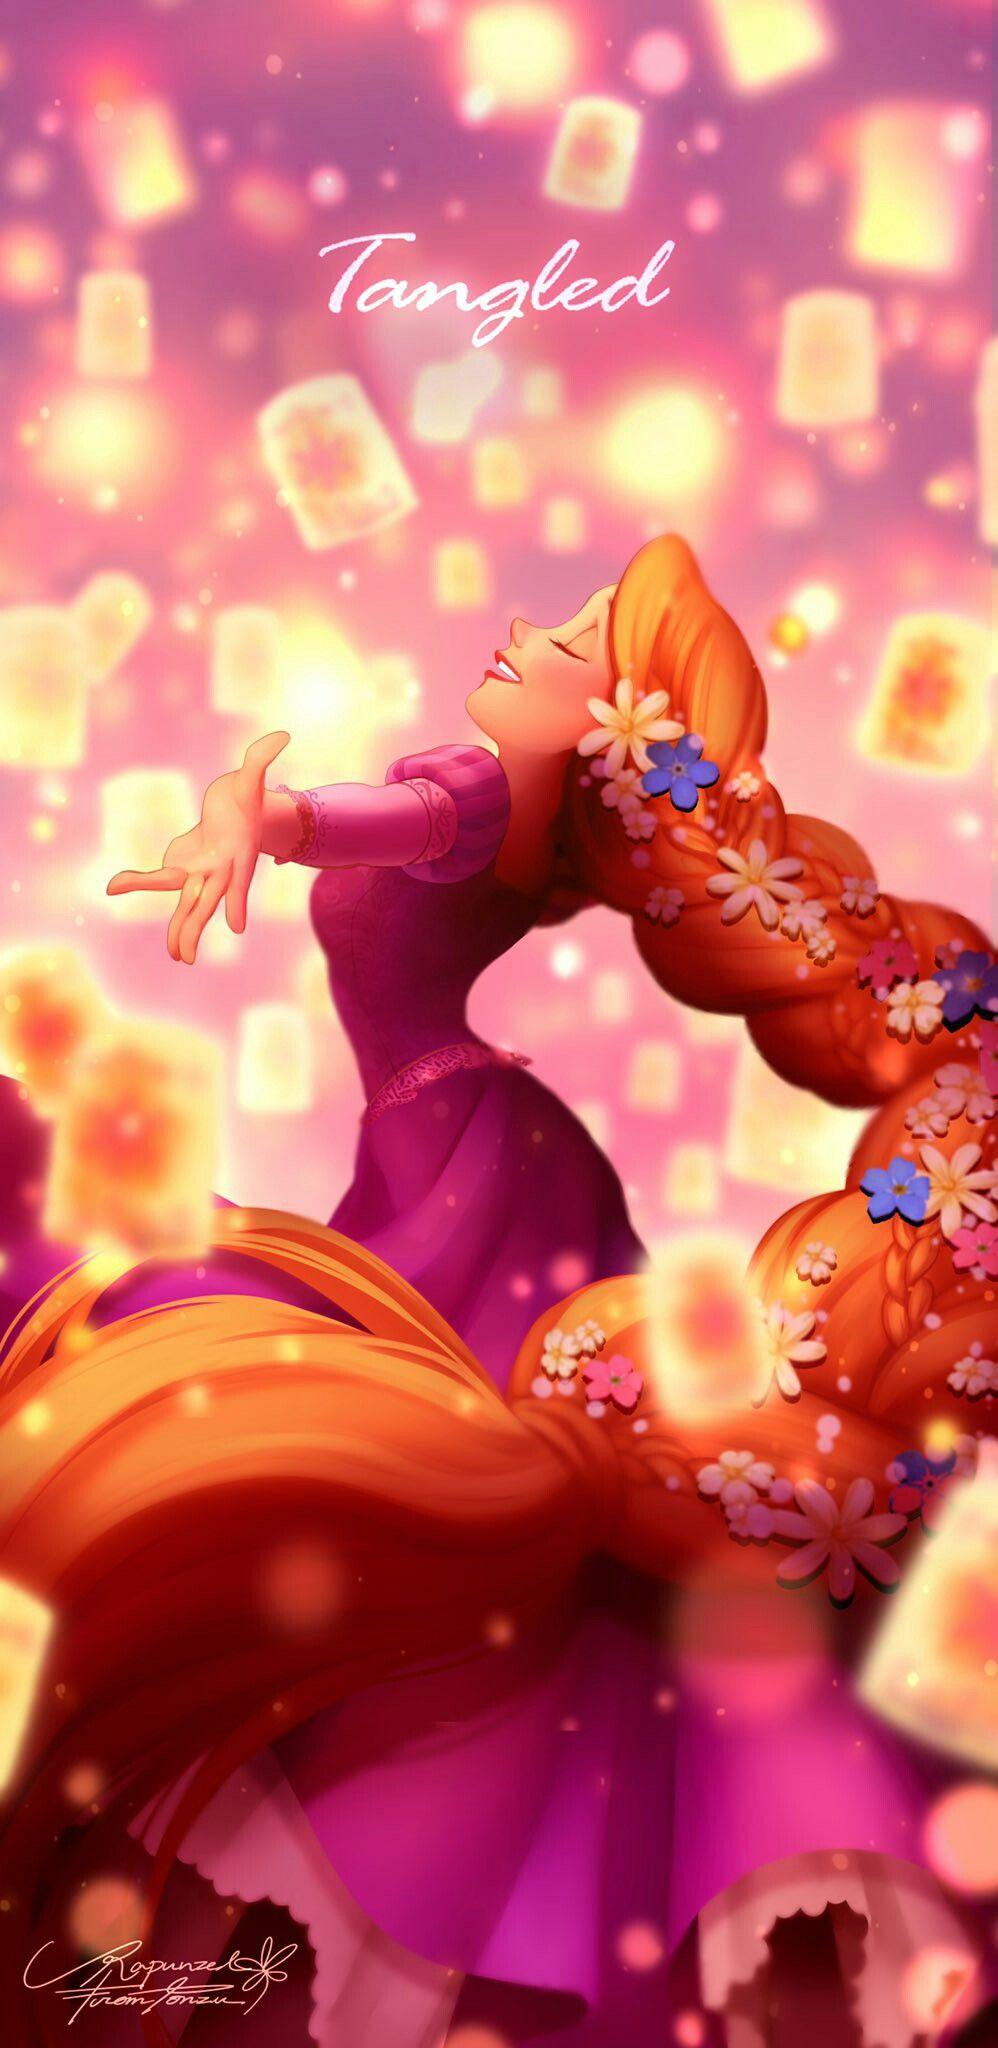 Wallpaper ディズニーのラプンツェル ラプンツェル 画像 ディズニー壁紙 プリンセス